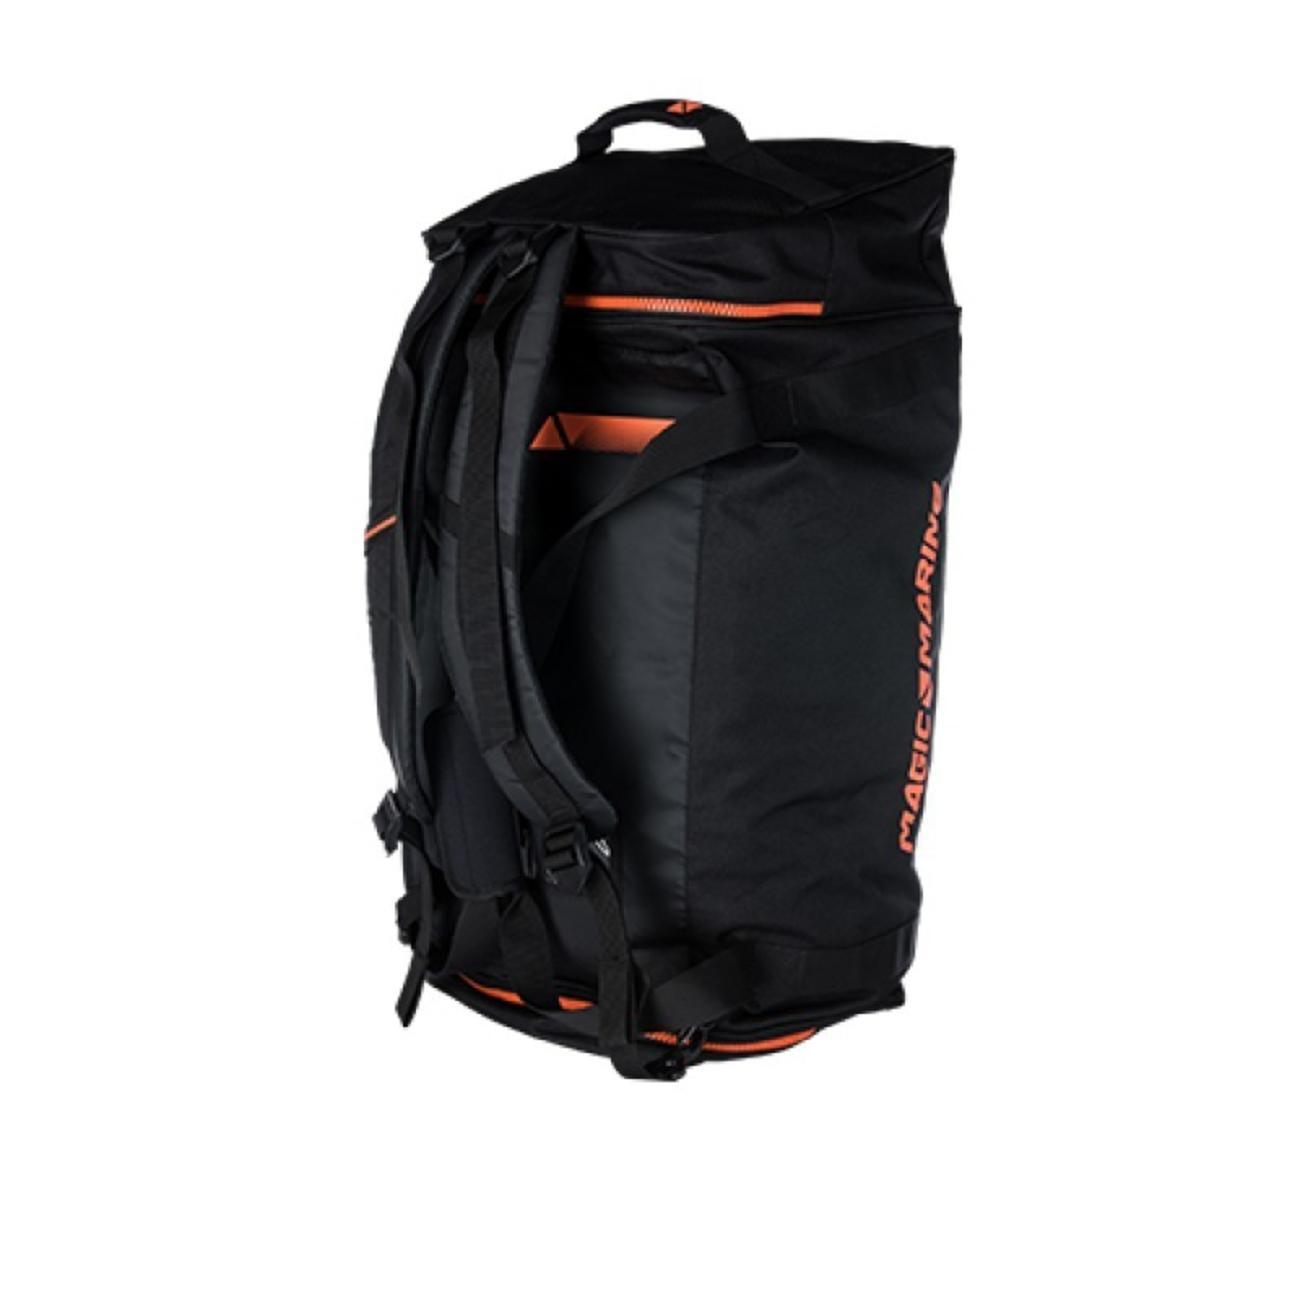 Sailing Bag 95L 大容量防水セーリングバッグ スポーツバッグ